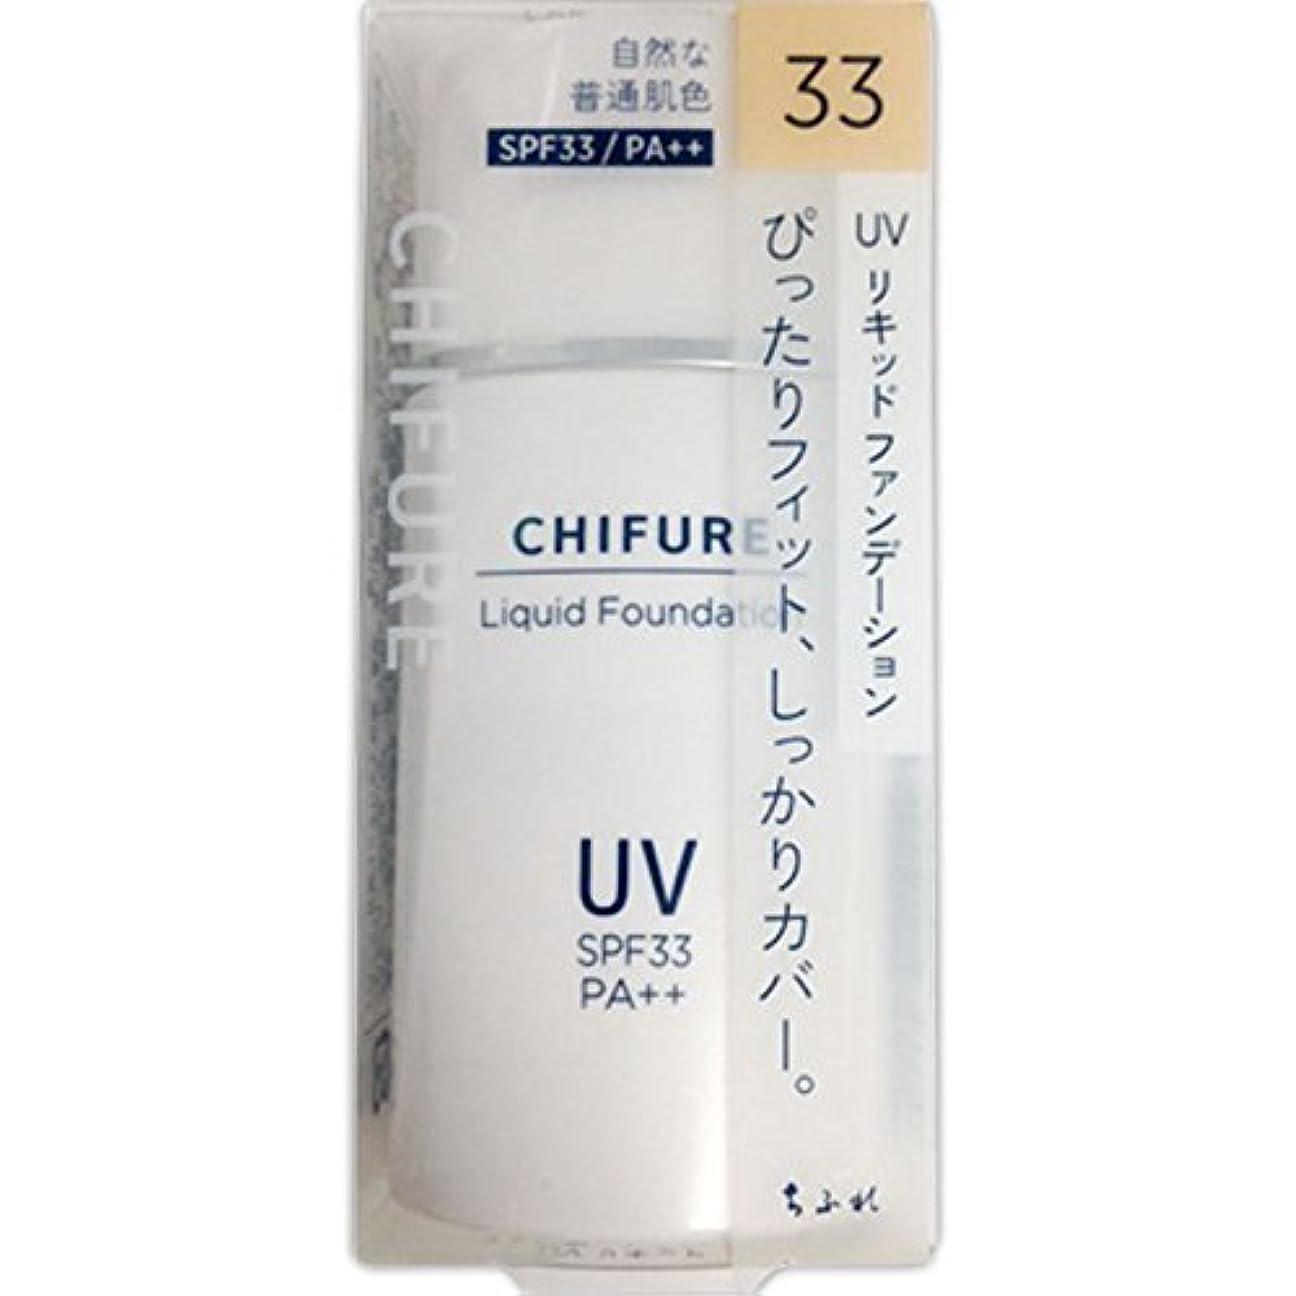 キードライブ降雨ちふれ化粧品 UV リキッド ファンデーション 33 自然な普通肌色 30ML